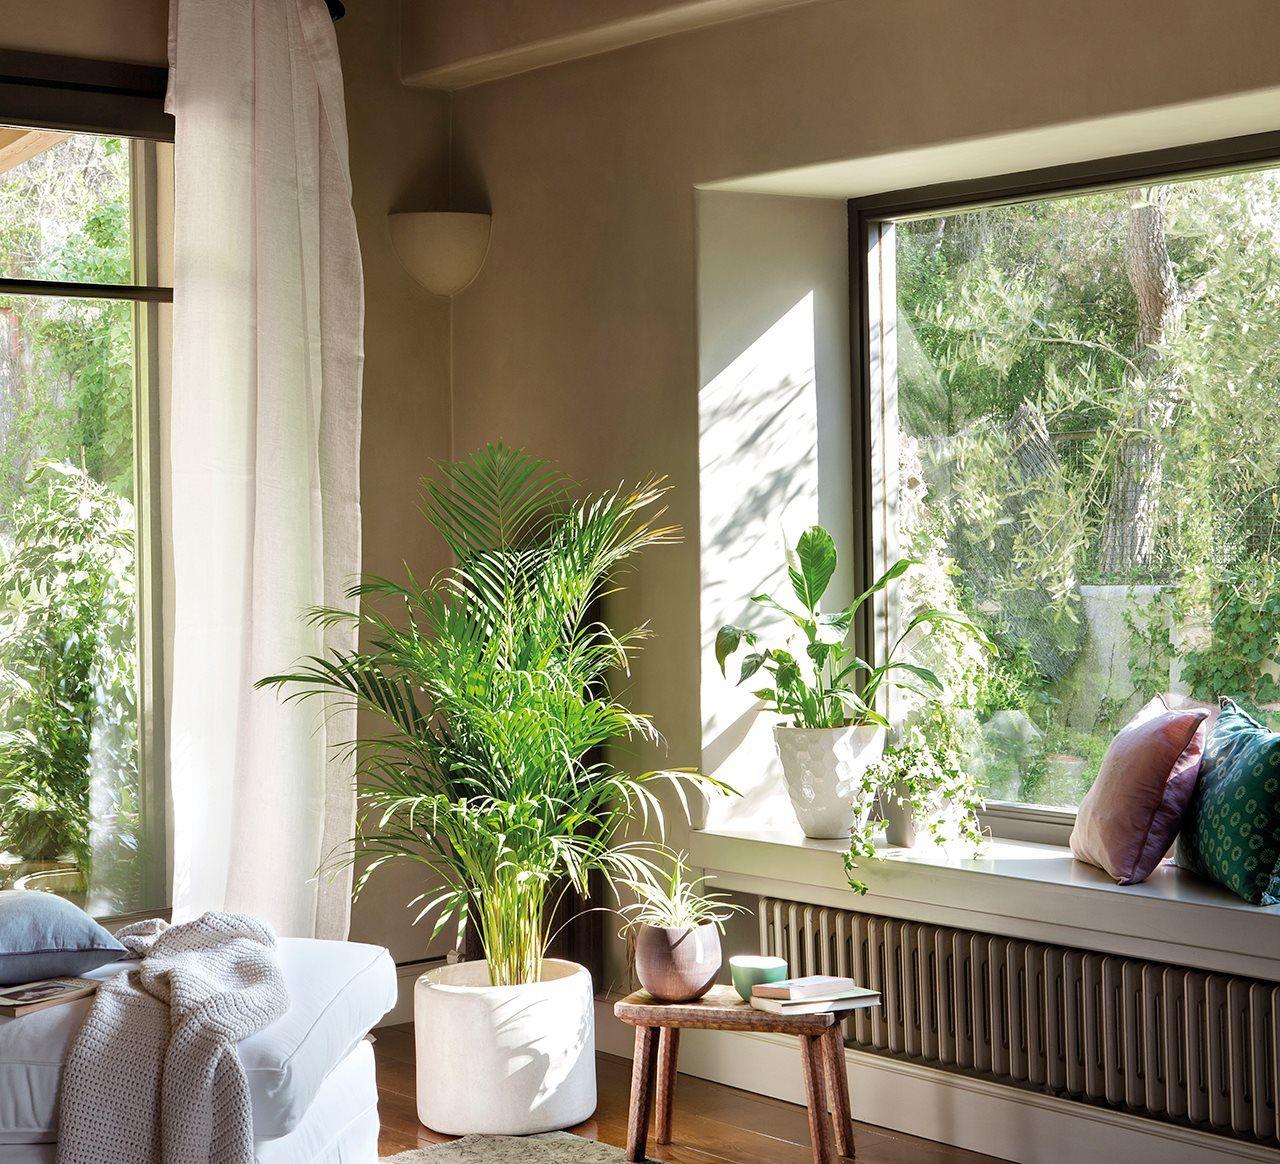 Decora con plantas y gana salud y vida - Cuanto gana un disenador de interiores ...